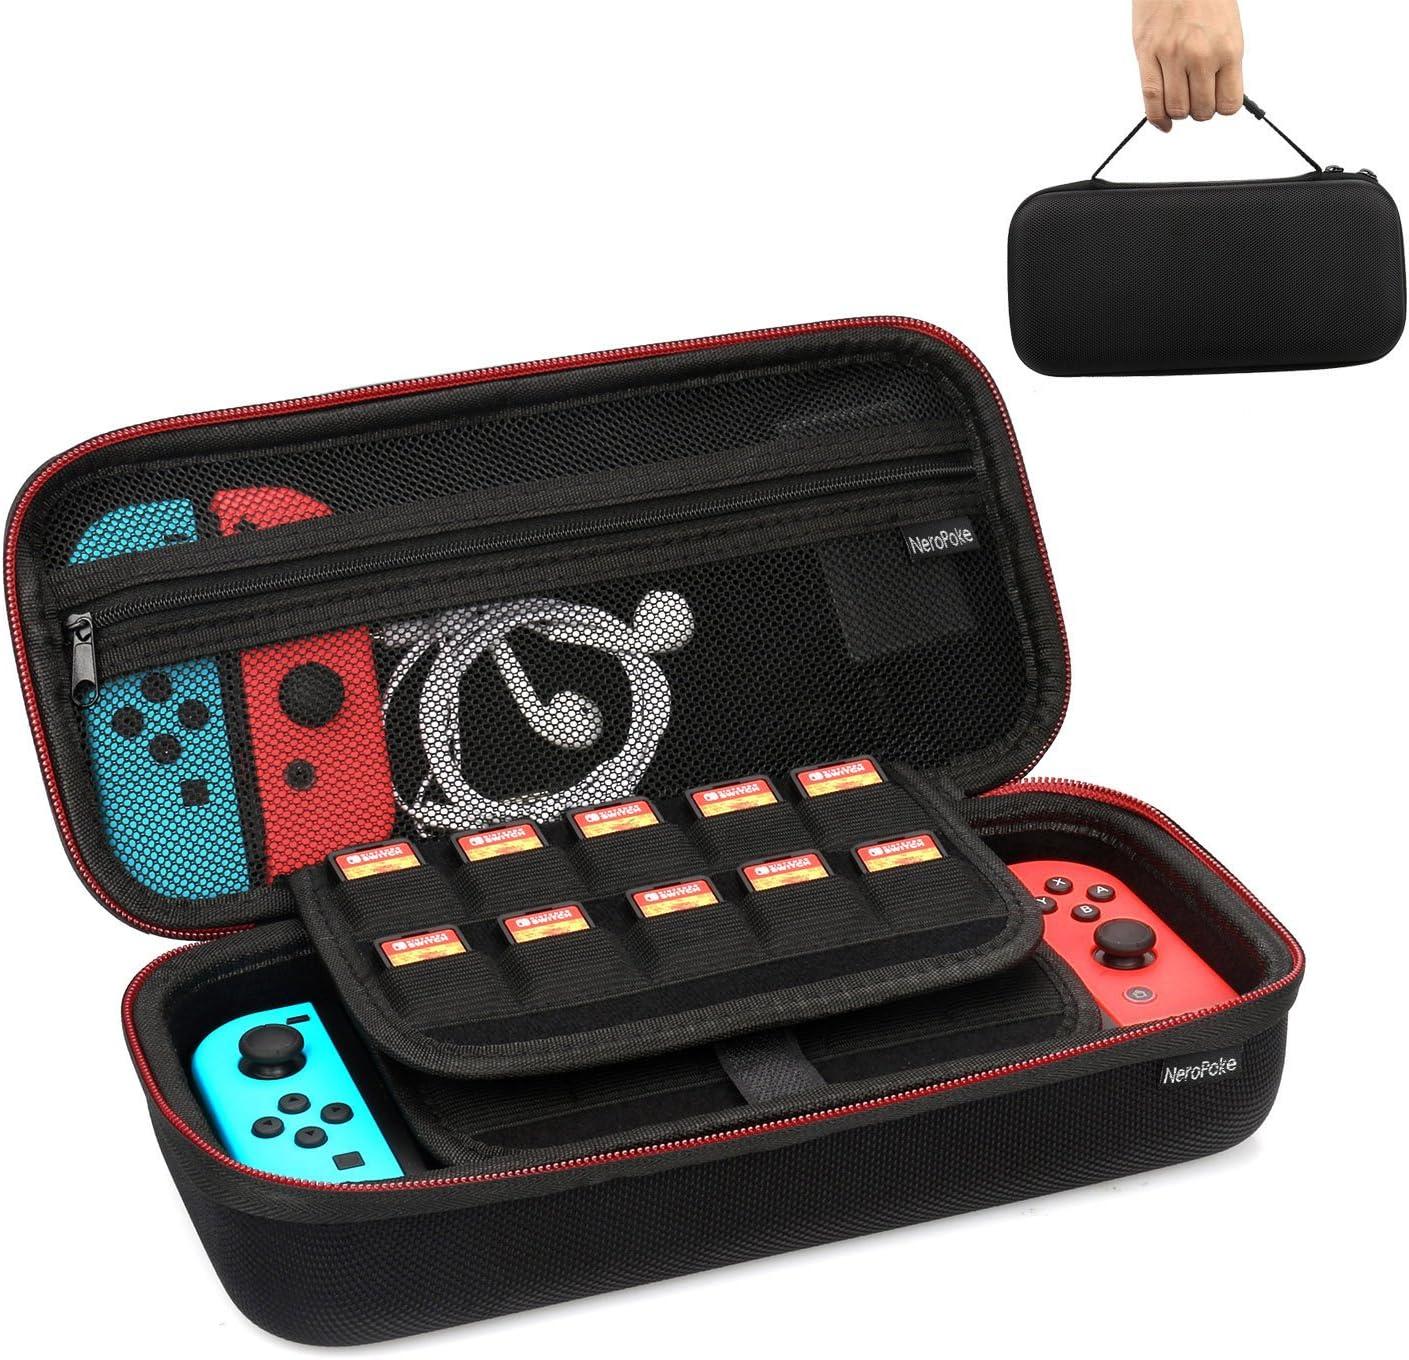 Neropoke Funda para Nintendo Switch Game Traveler Deluxe Case Protectora dura portátil de viaje Carry Case para Juegos de consola Joy-Con y Nintendo Switch Accesorios: Amazon.es: Electrónica